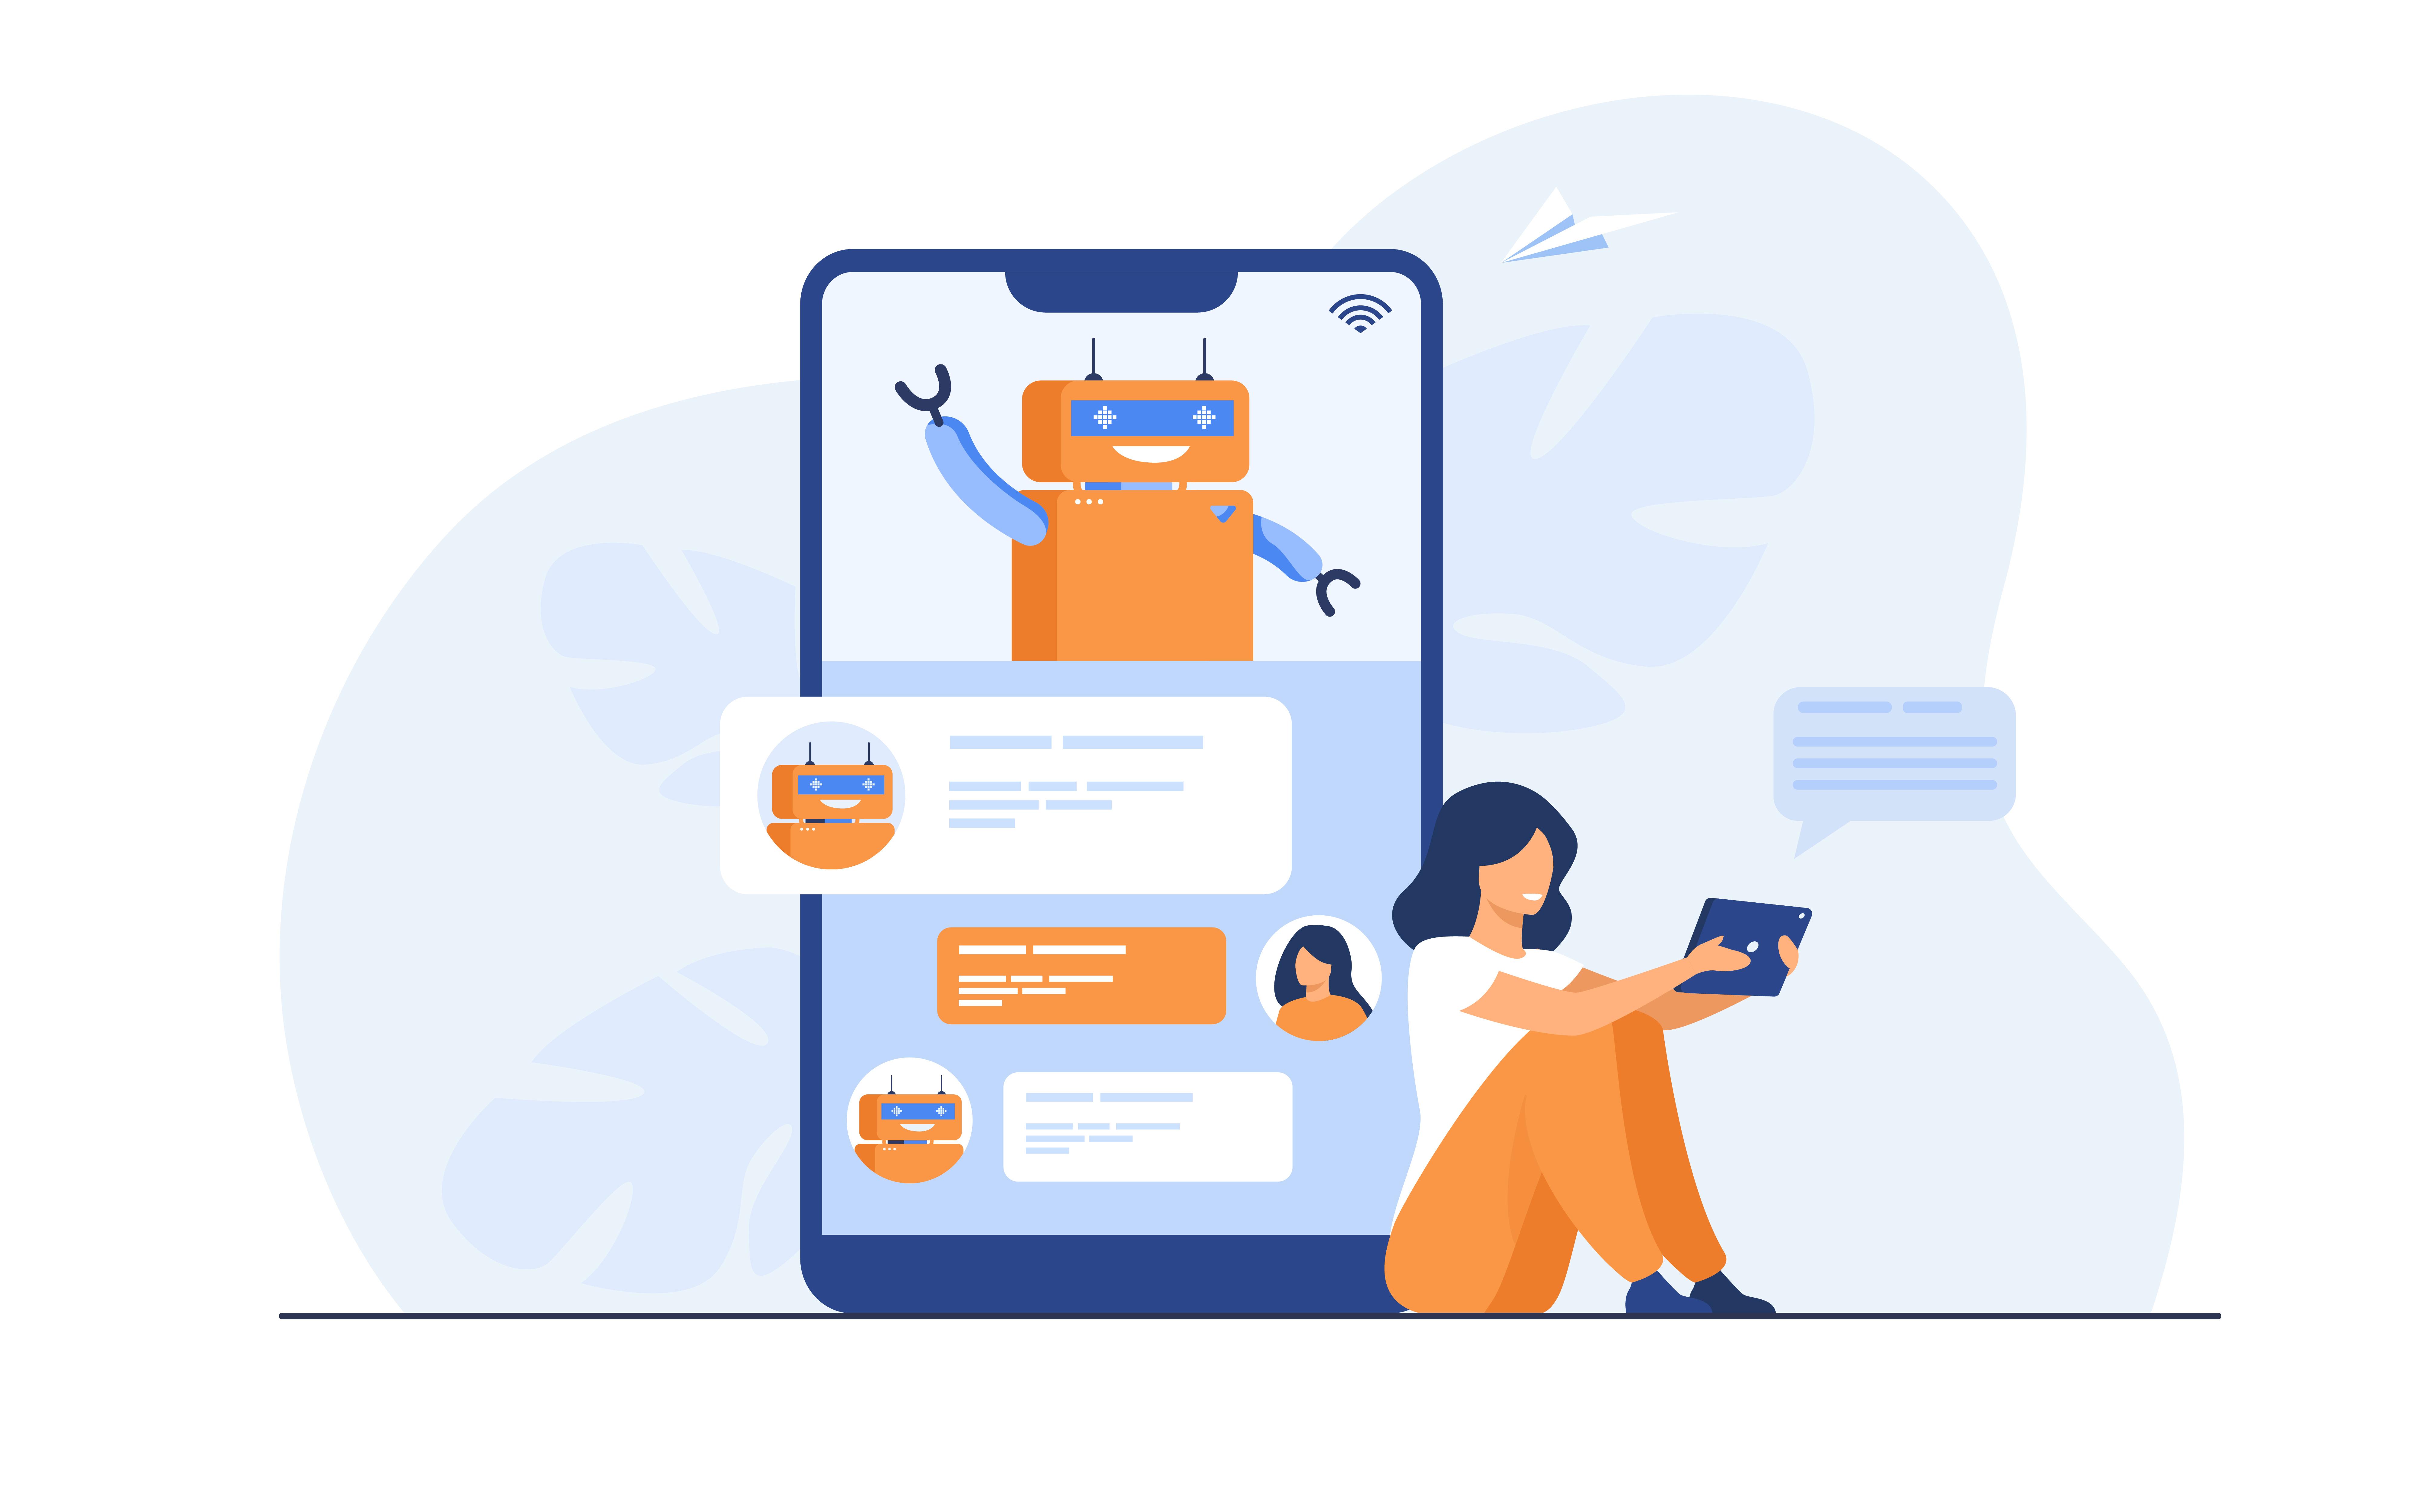 iSmart Communications Chatbots